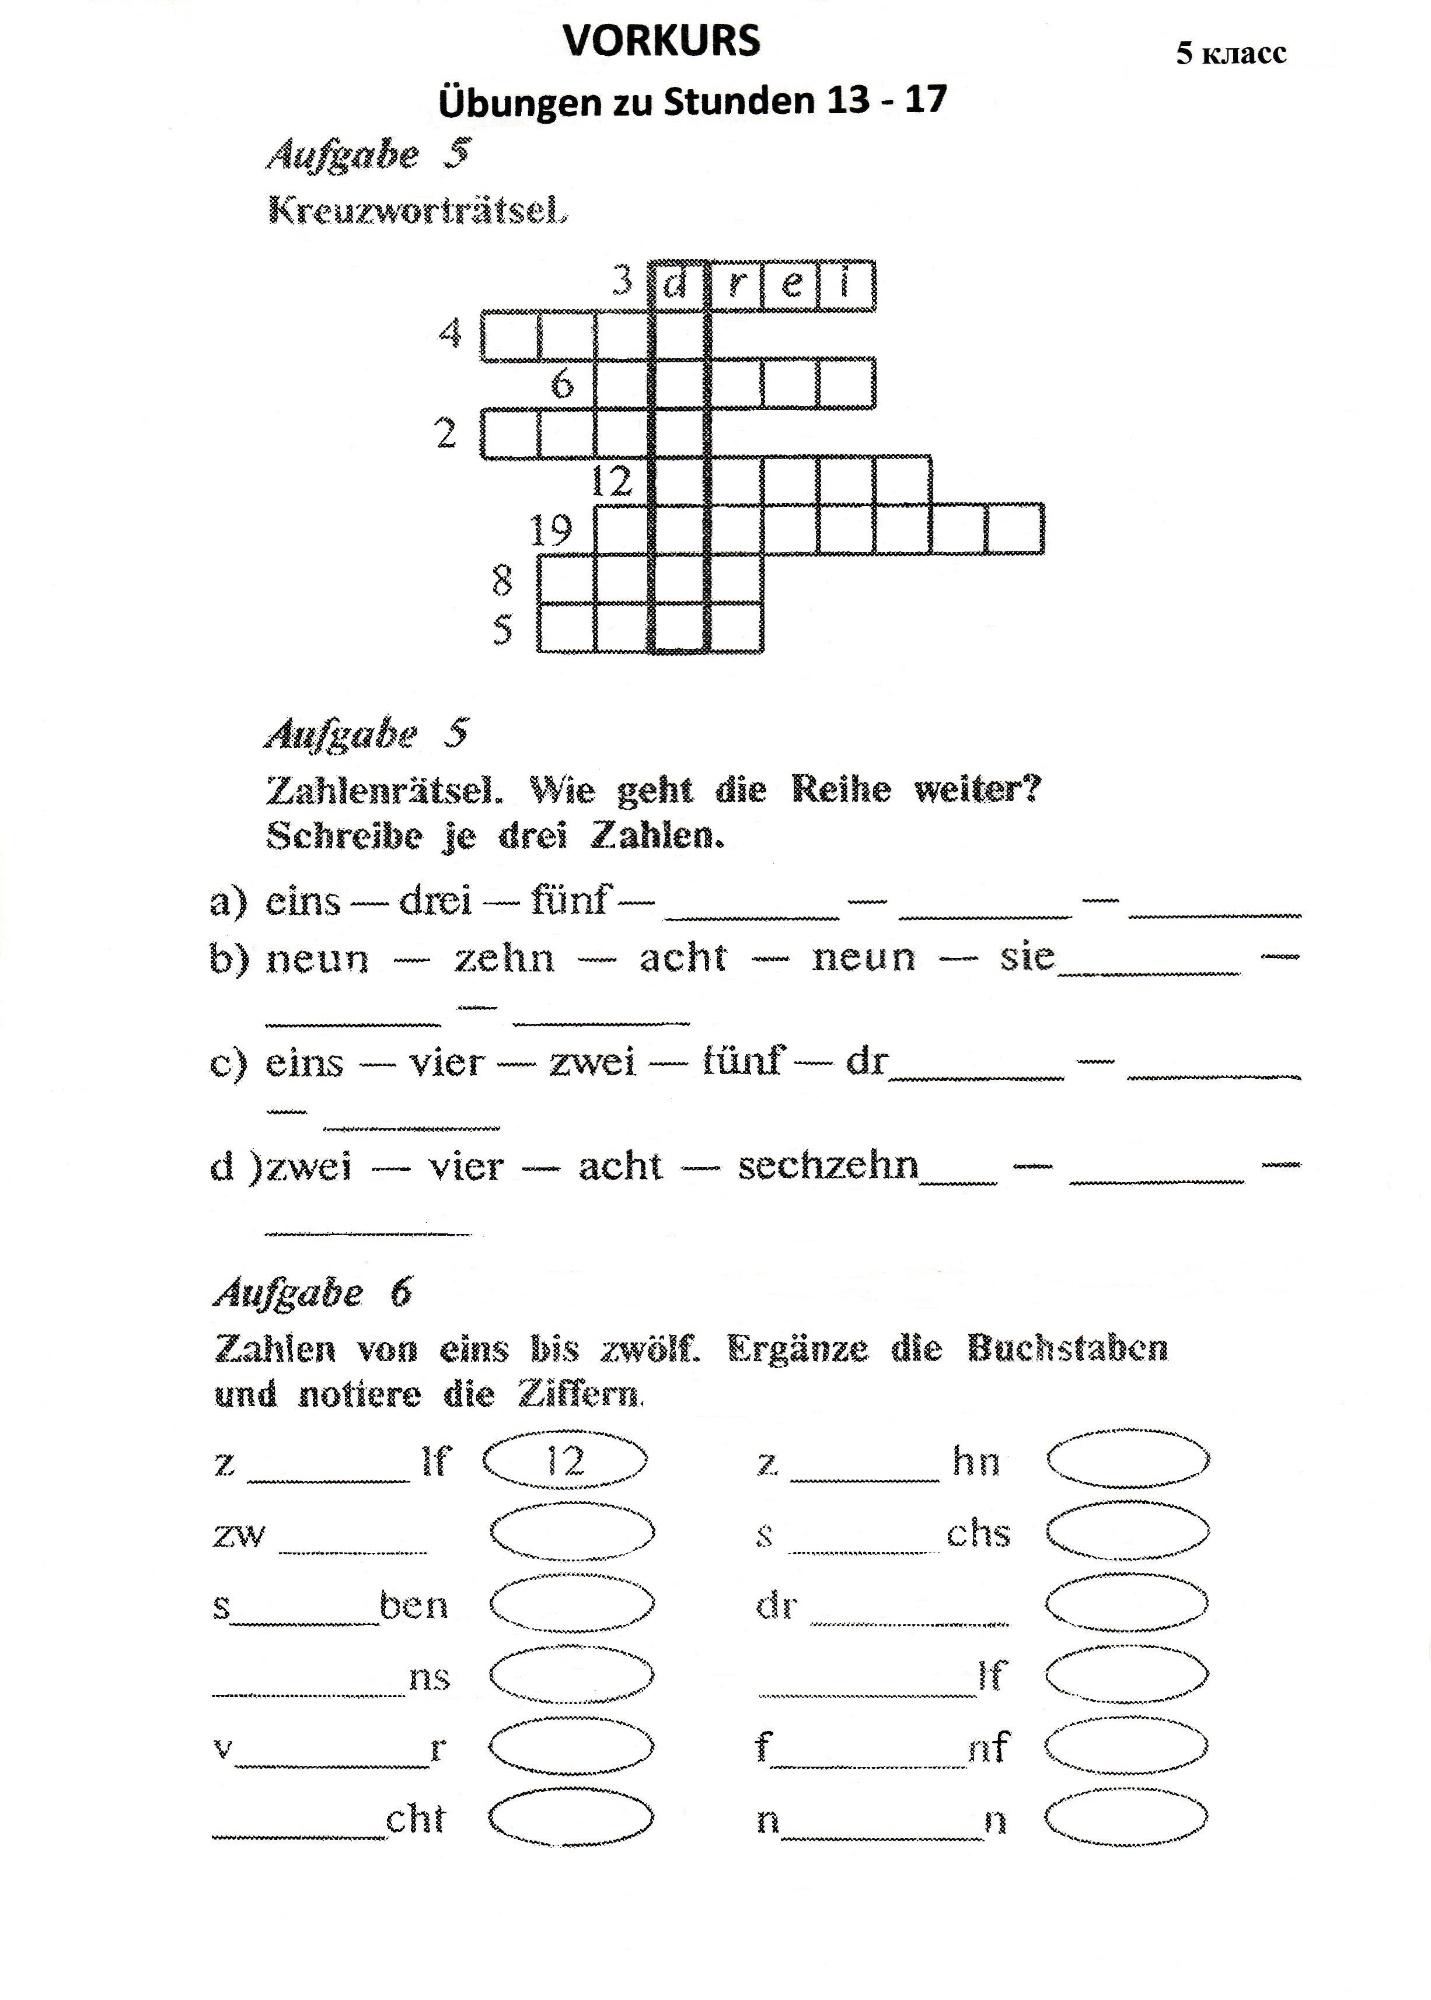 Контрольная работа по немецкому языку 5 класс за вводный курс